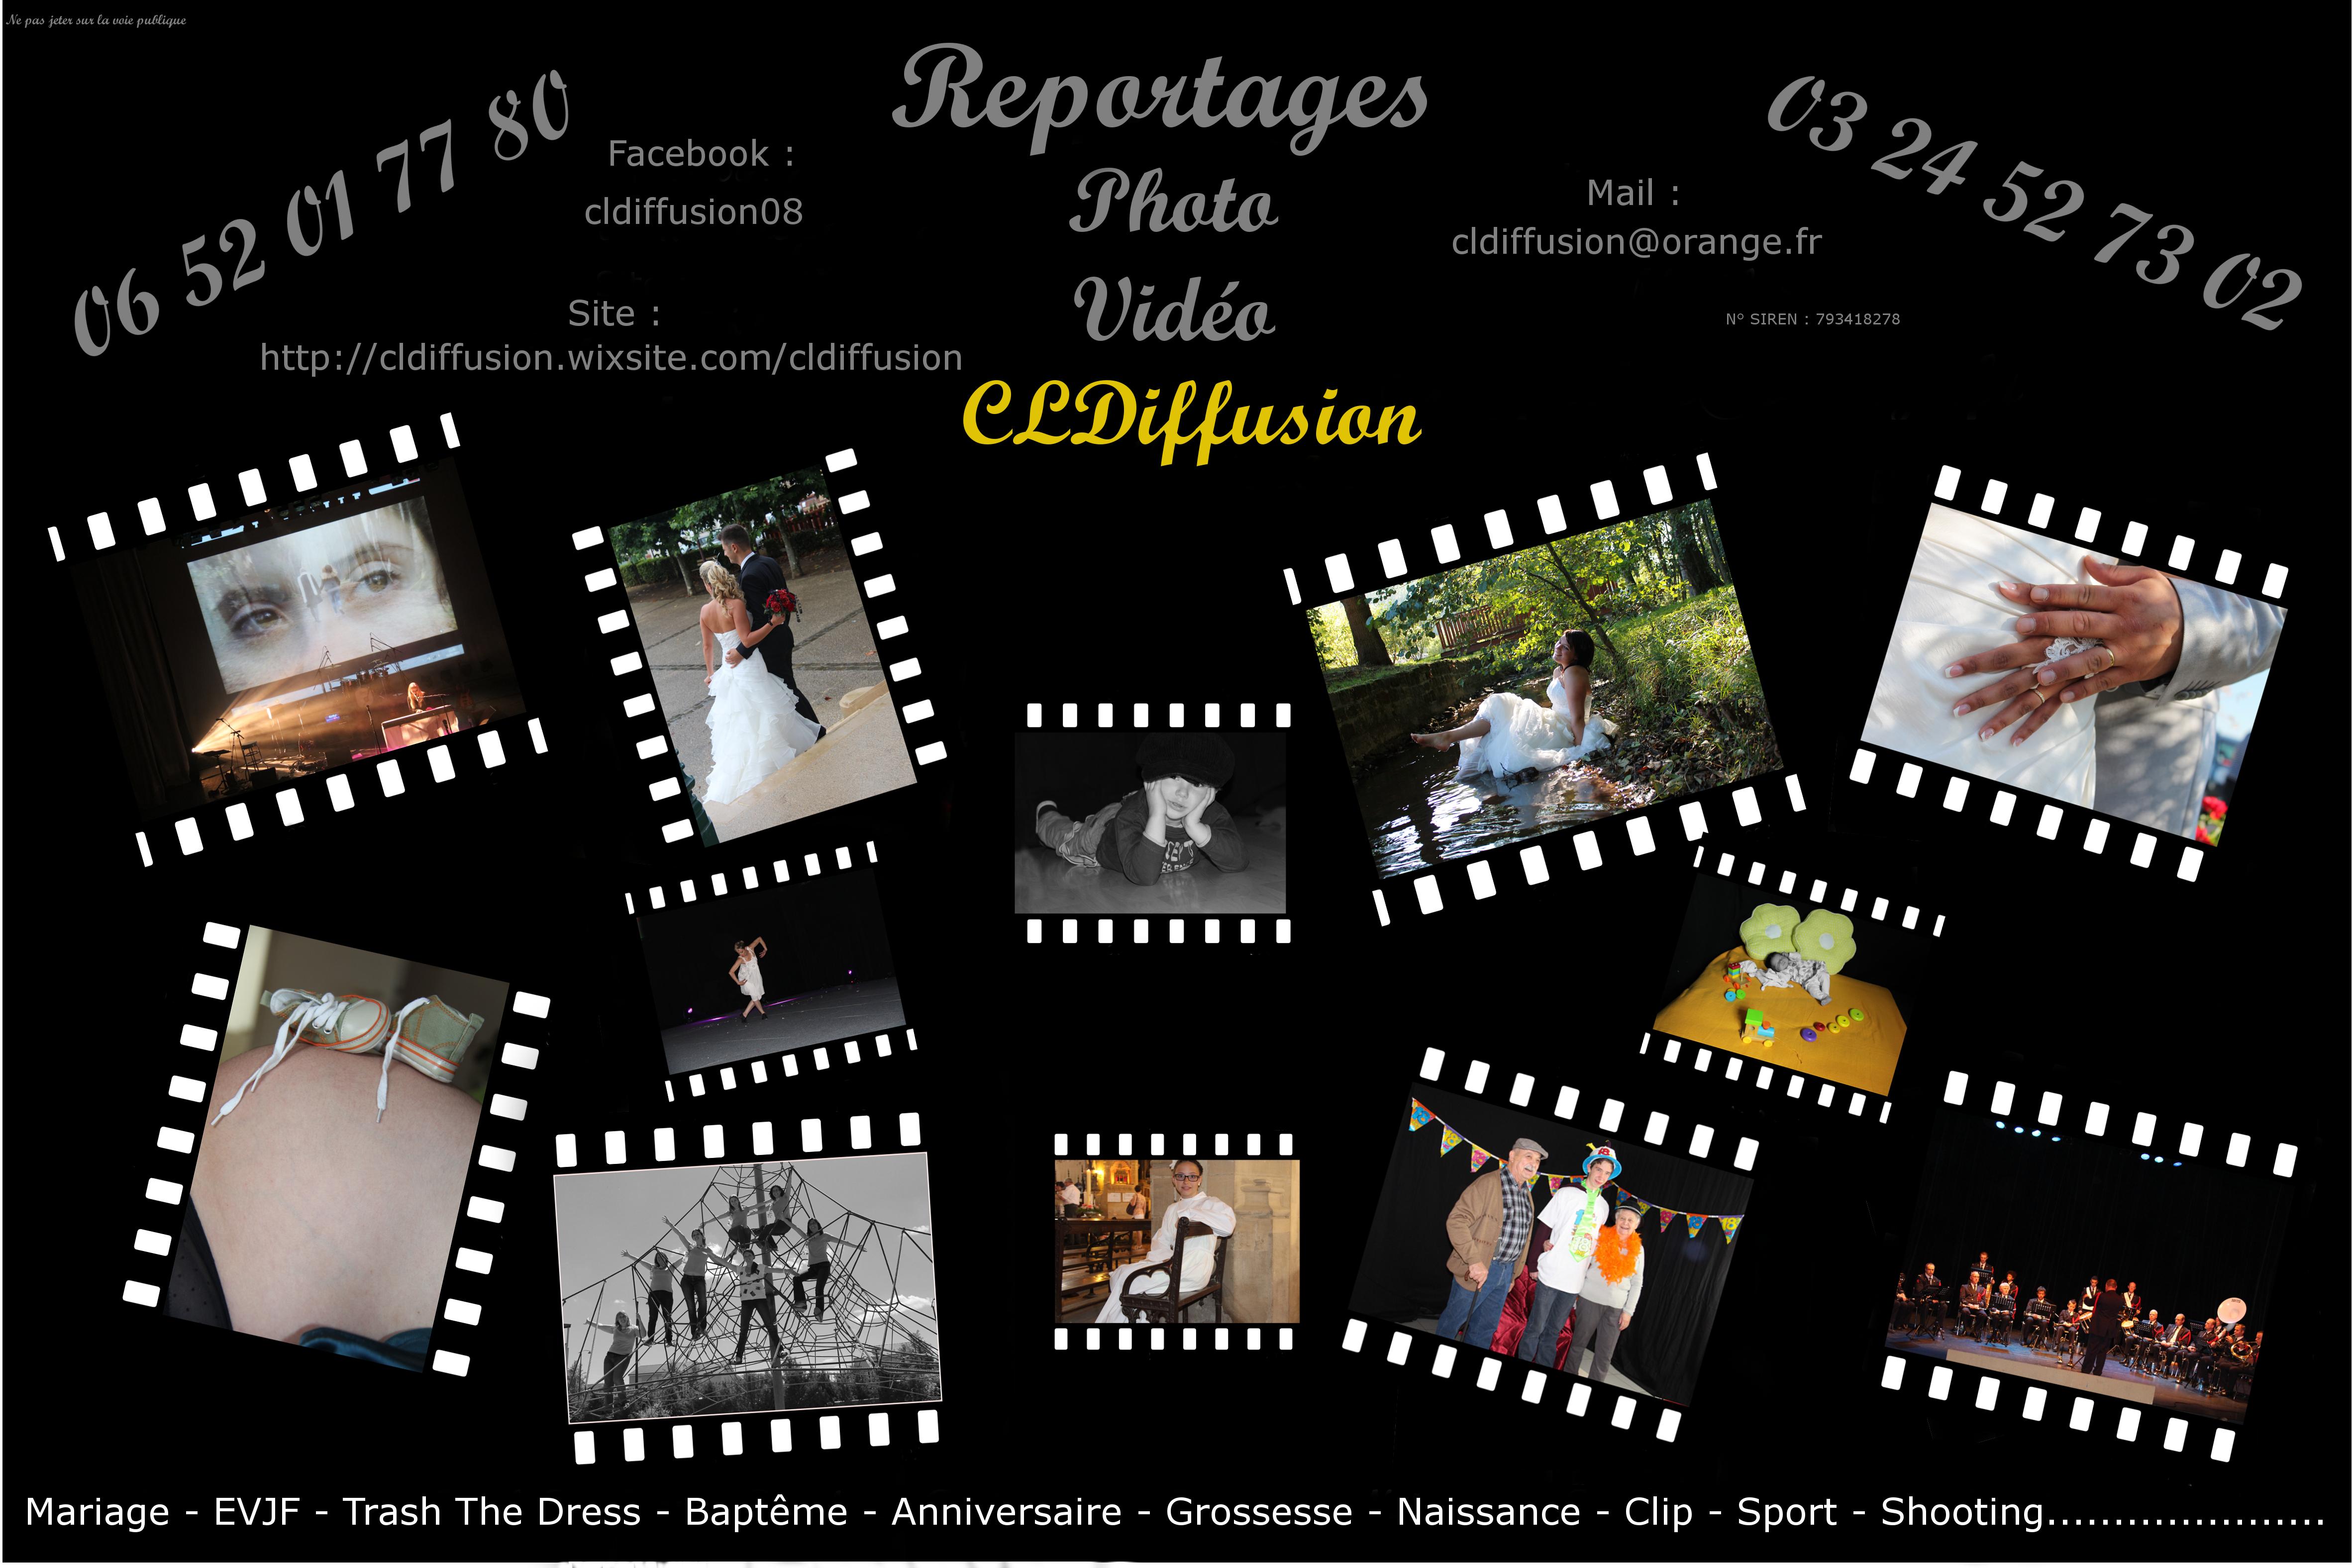 Pour vos reportage/photo/vidéo